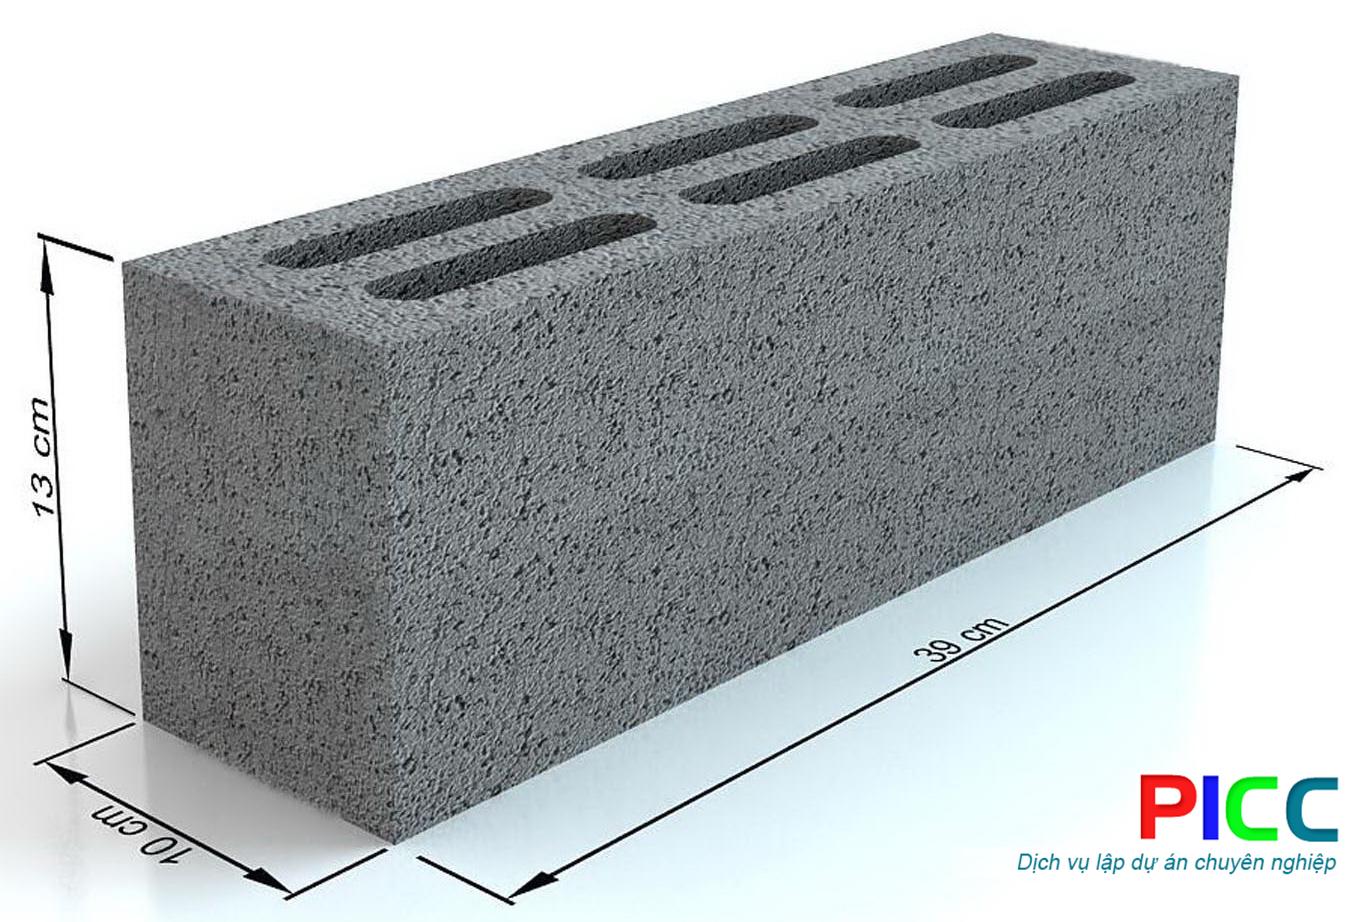 Kho bãi than và nhà máy sản xuất vật liệu xây không nung Hậu Giang